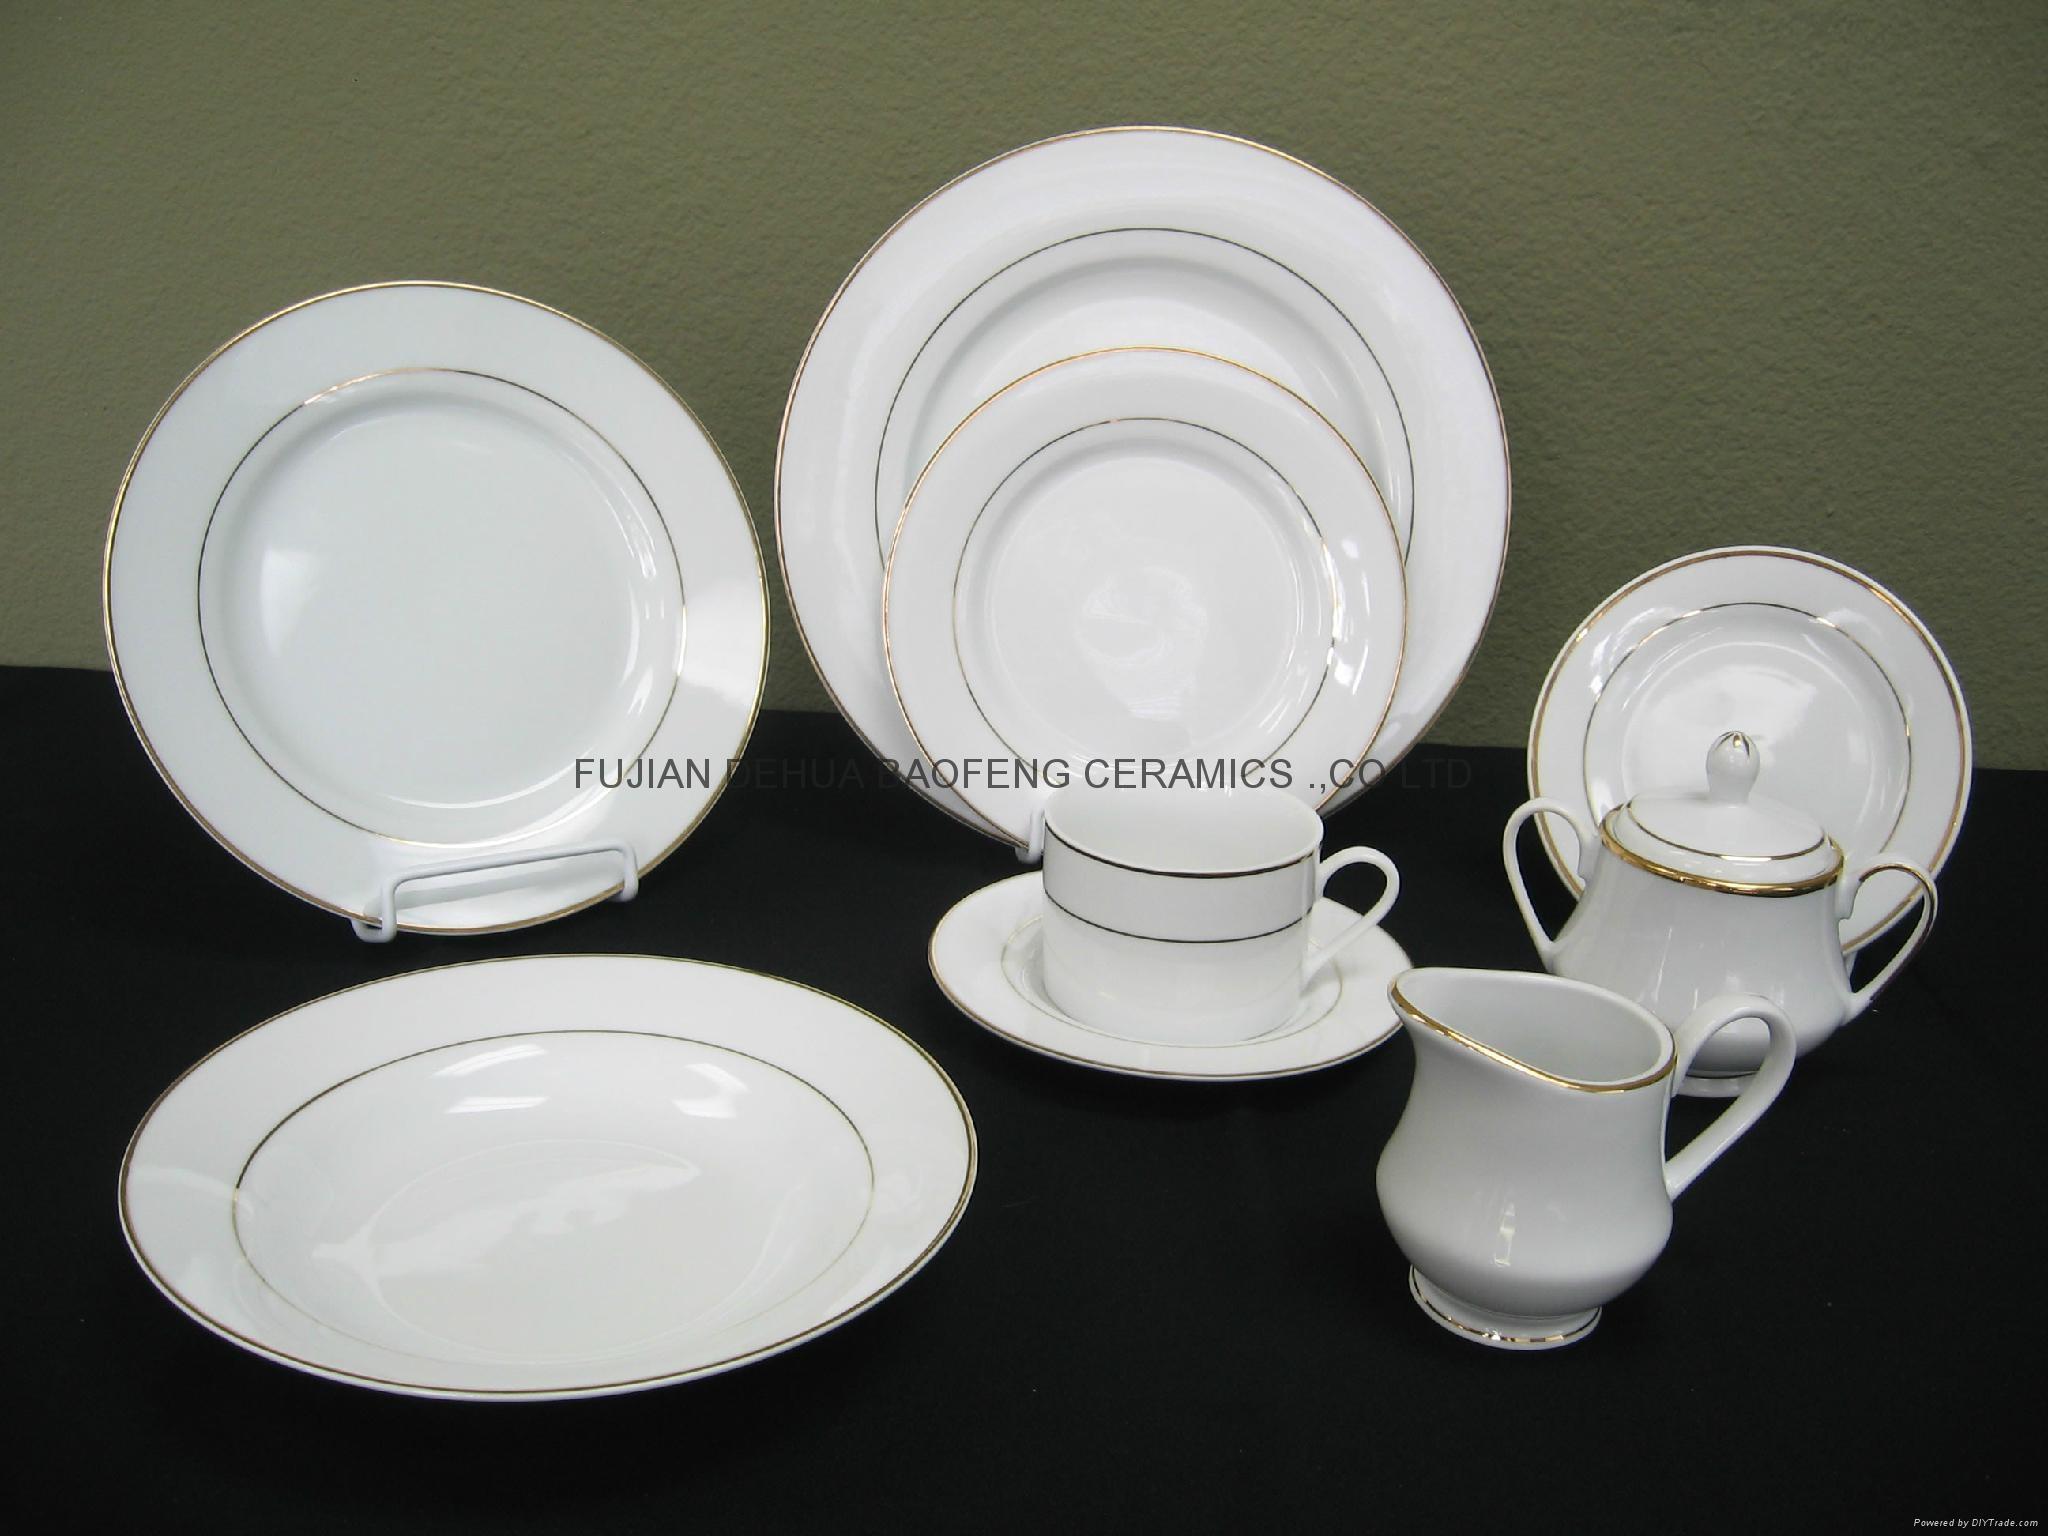 各种陶瓷茶具.陶瓷壶.茶碗.茶杯.日式茶具.中式茶具. 5